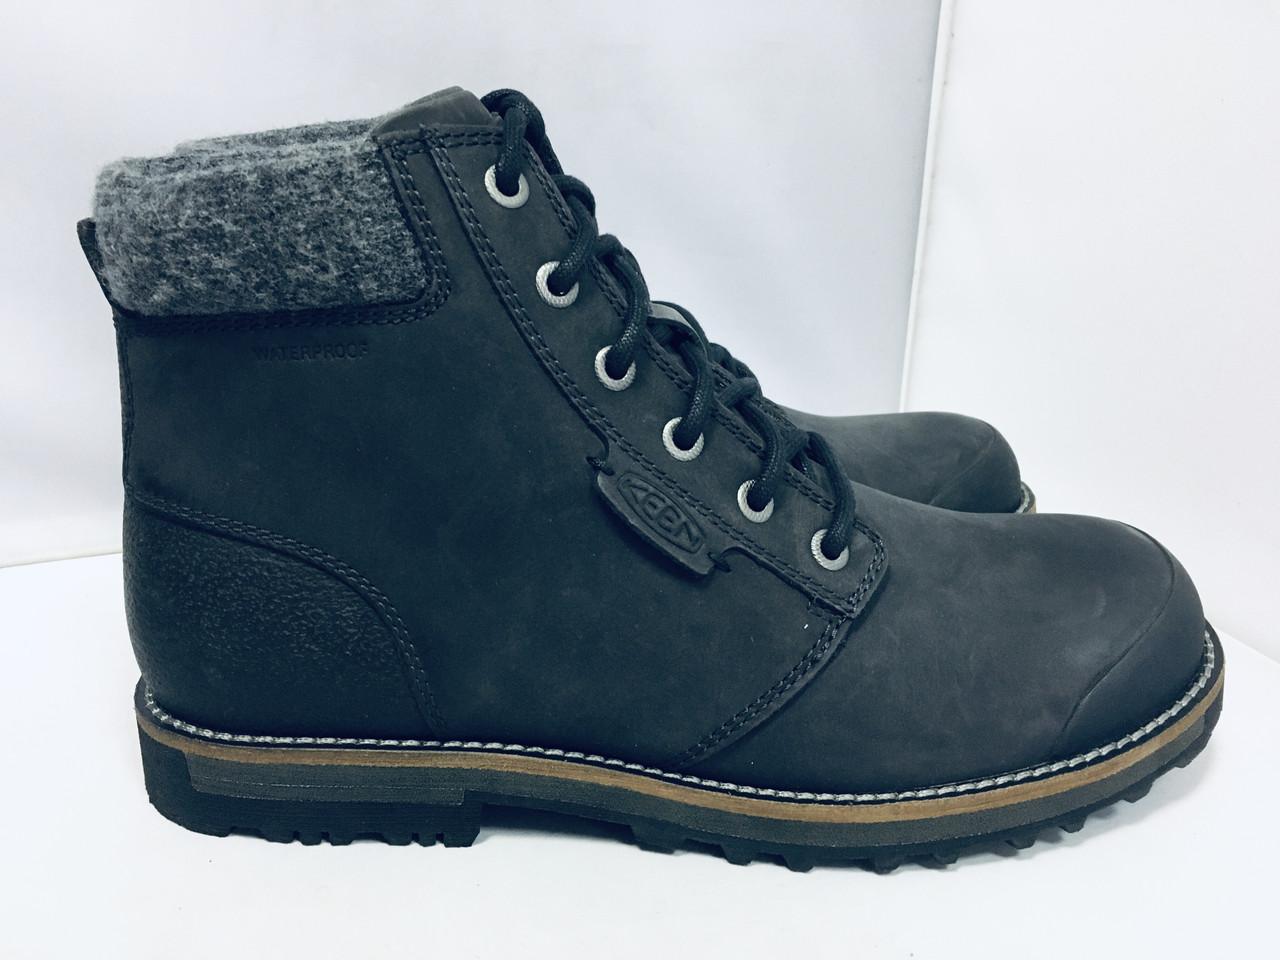 Мужские ботинки Keen Rocker ll, 42 размер